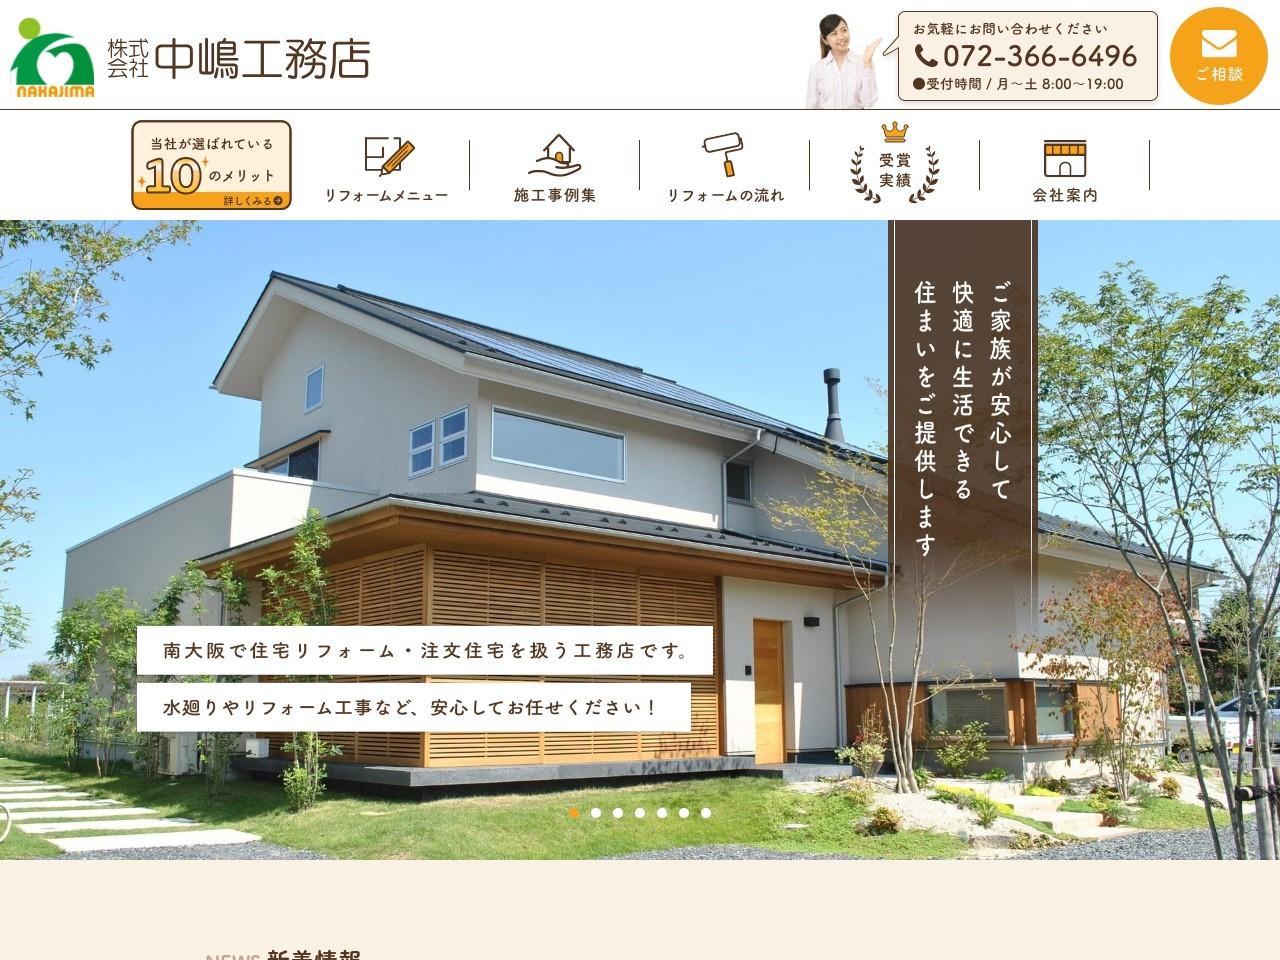 株式会社中嶋工務店